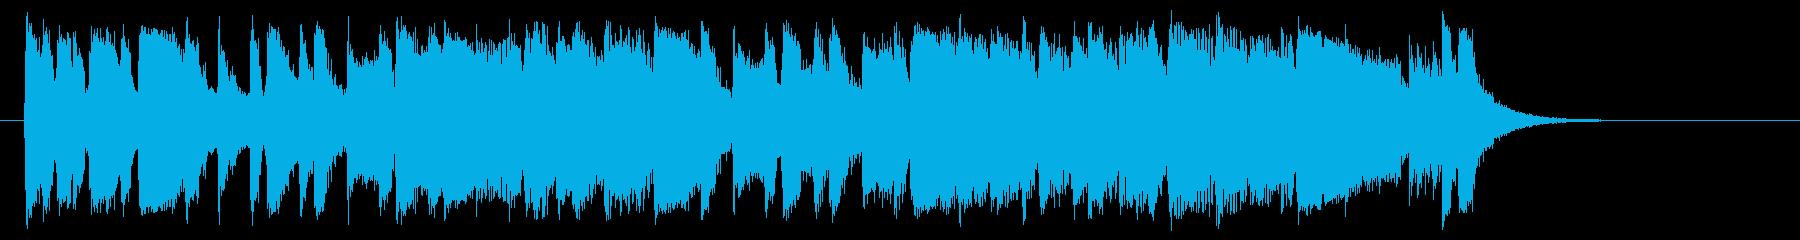 元気なアップテンポのシンセサイザー曲の再生済みの波形